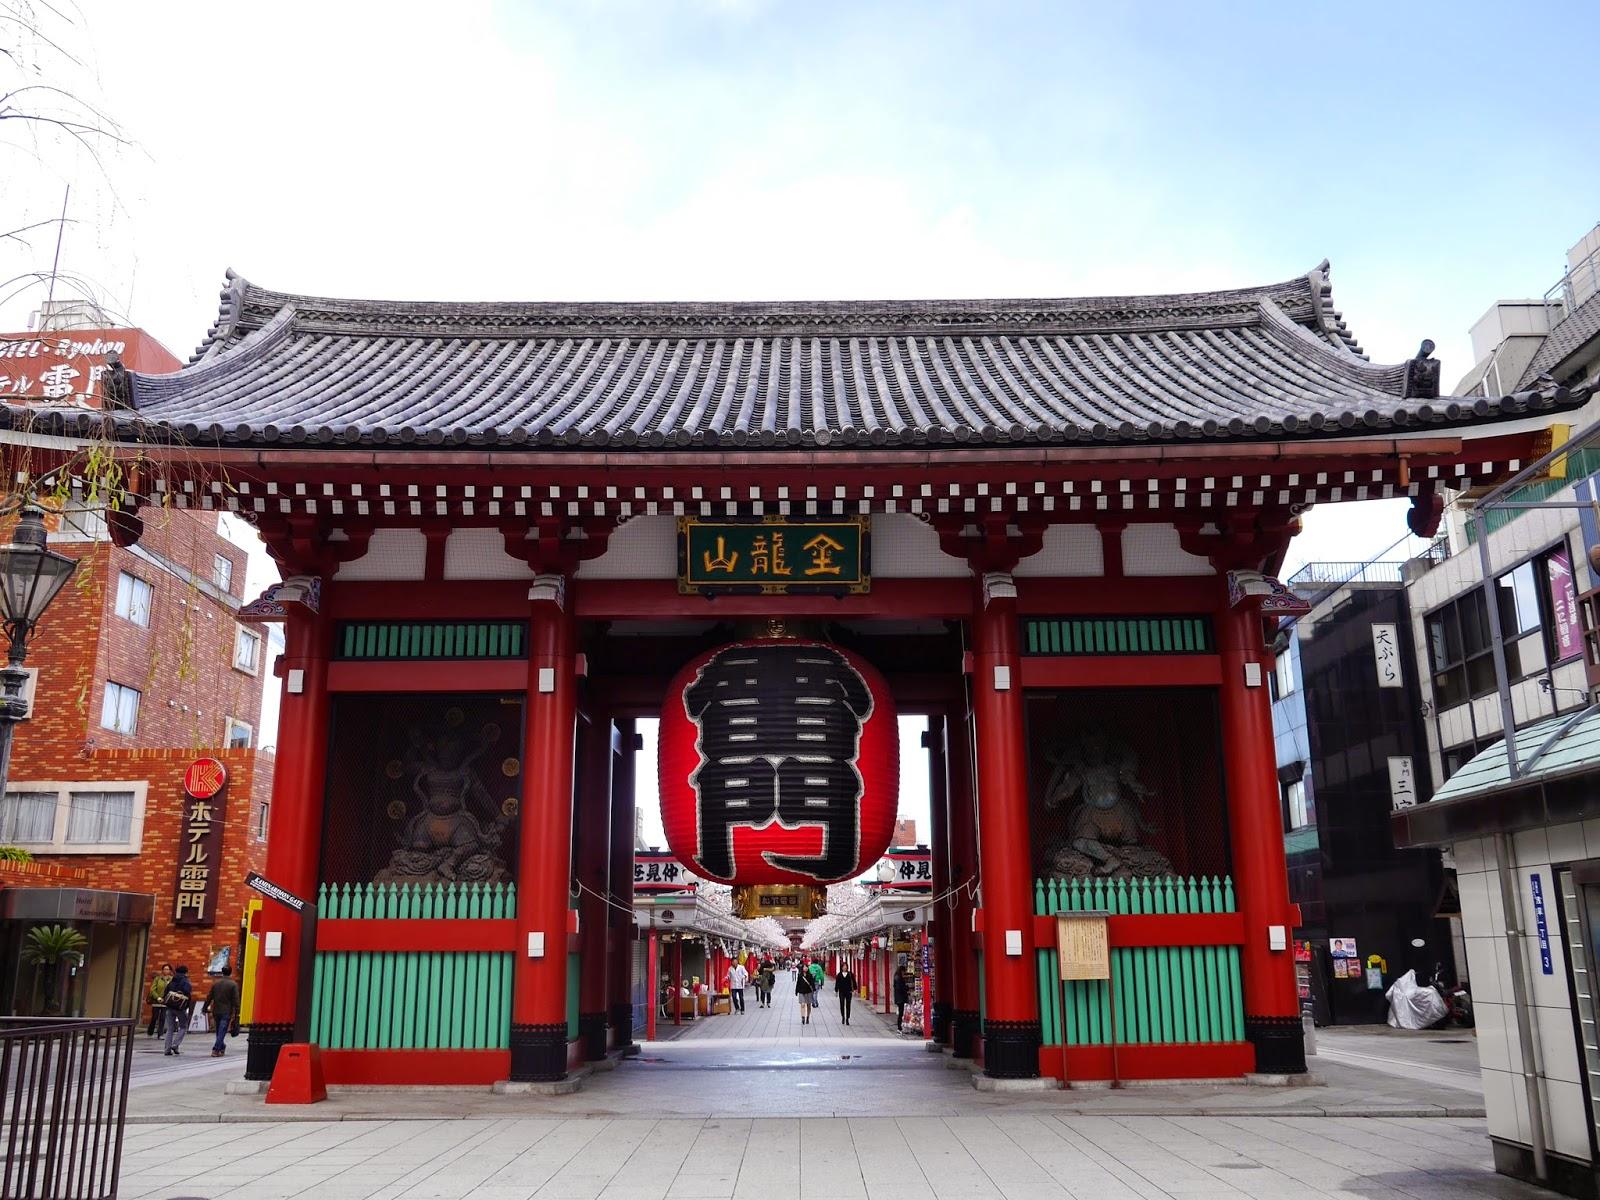 中秋節連假最想前往的10大城市!東京奪冠@★ 行家景點介紹 ★|PChome 個人新聞臺